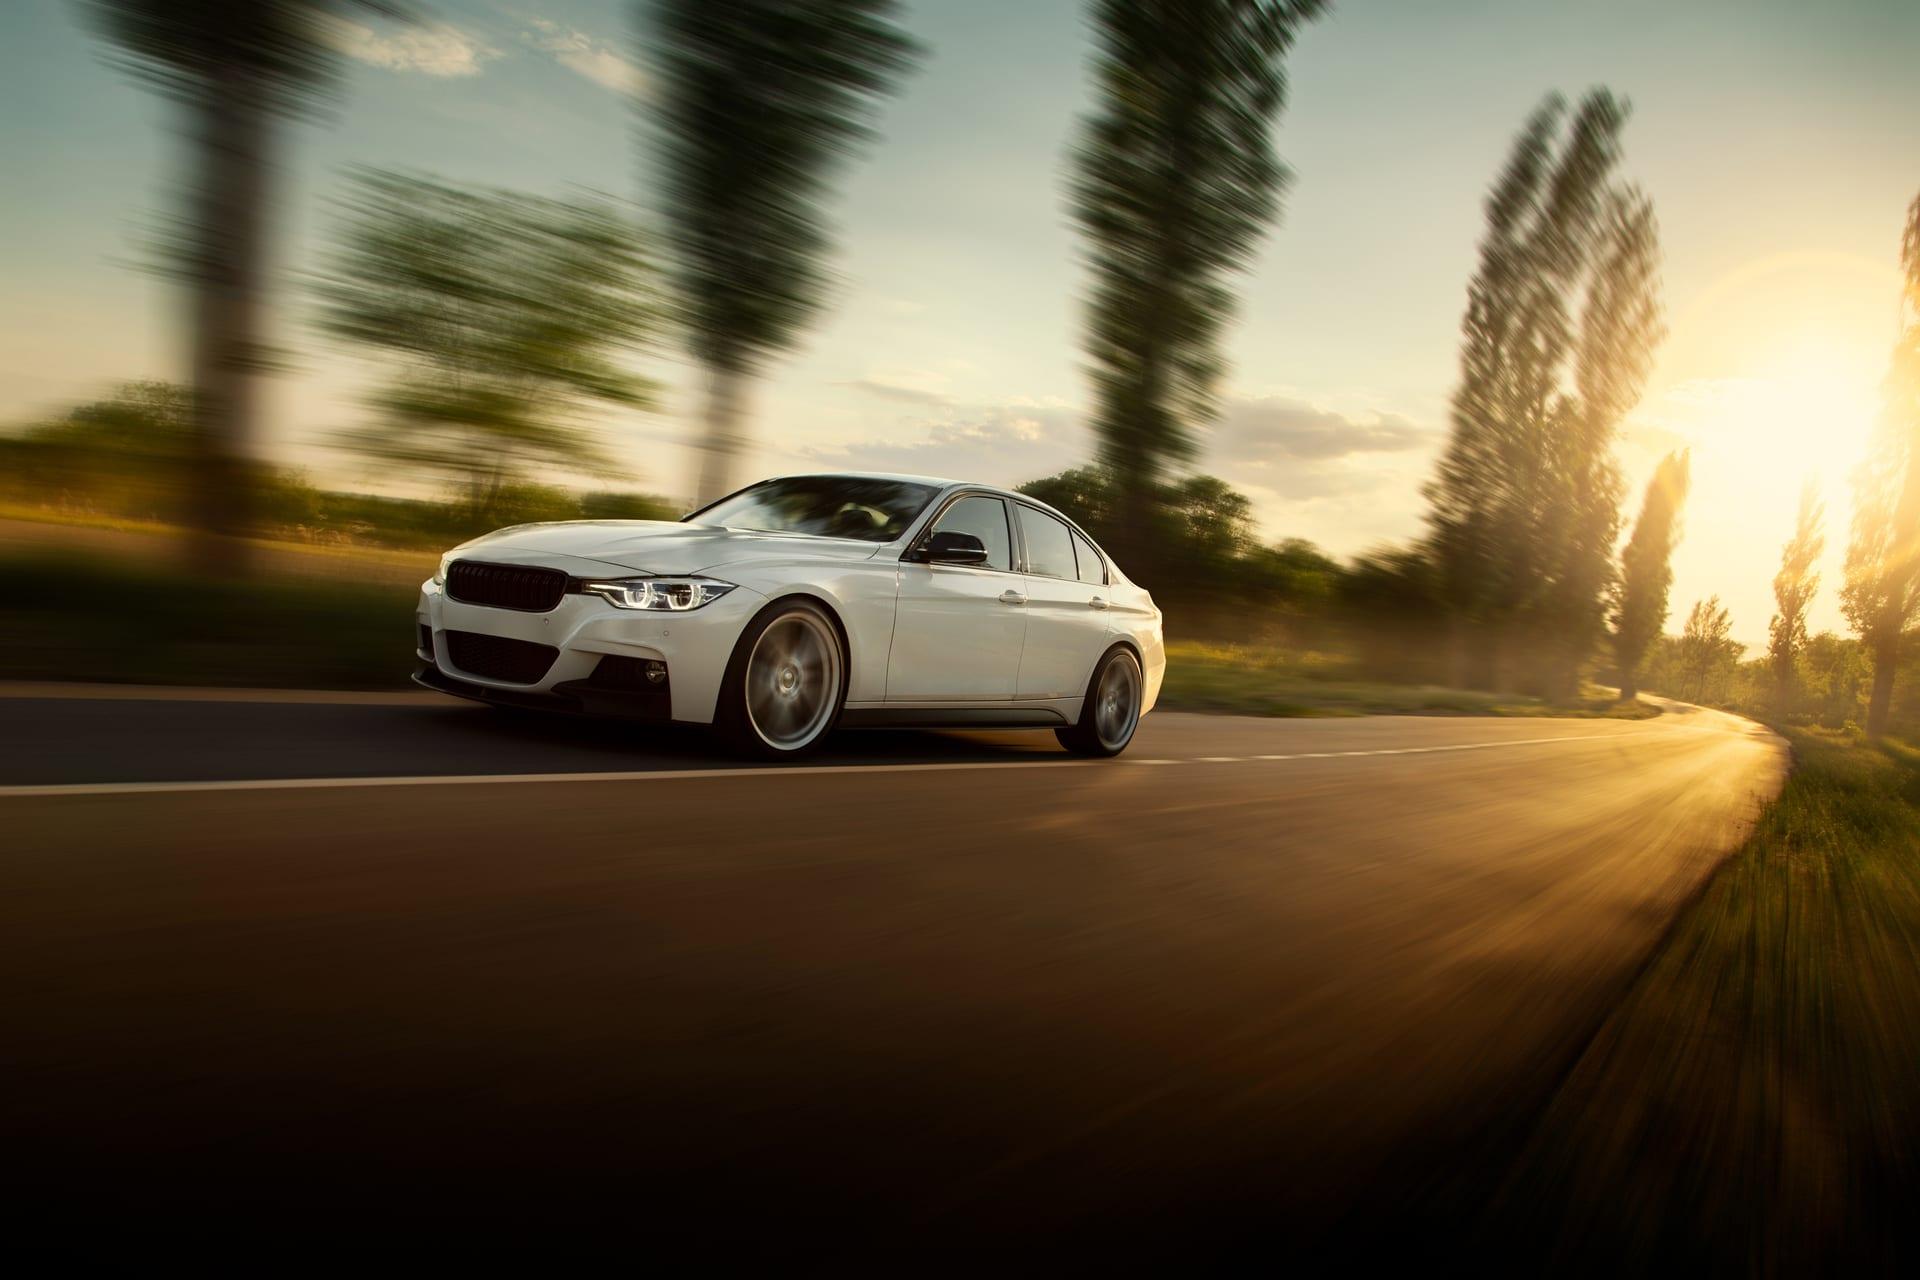 Actualité Audi - Photo d'illustration Les tendances du marché automobile